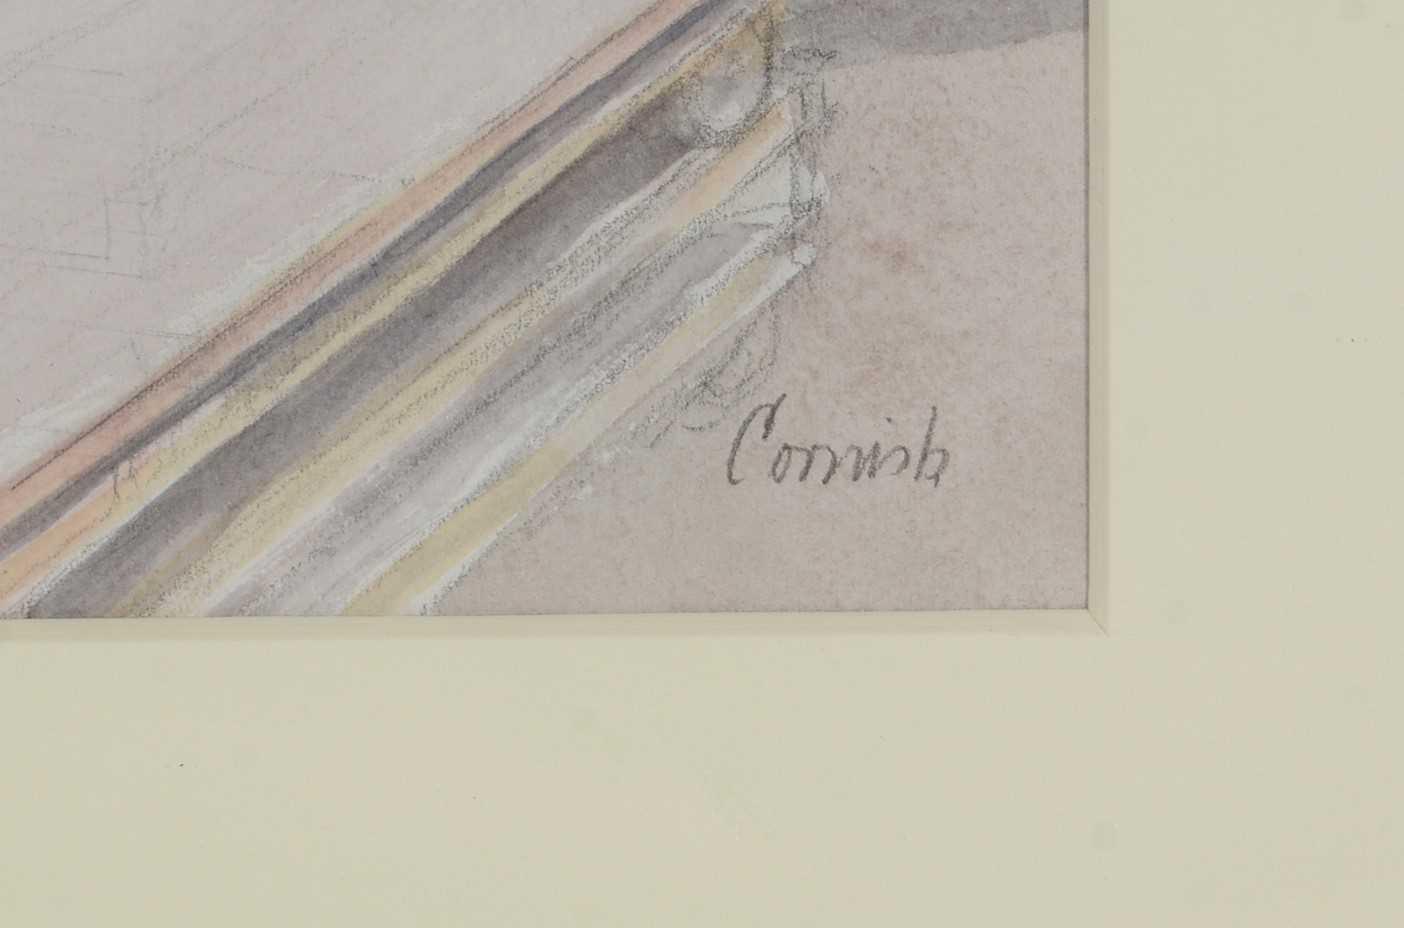 Norman Standfield Cornish - watercolour - Image 3 of 3